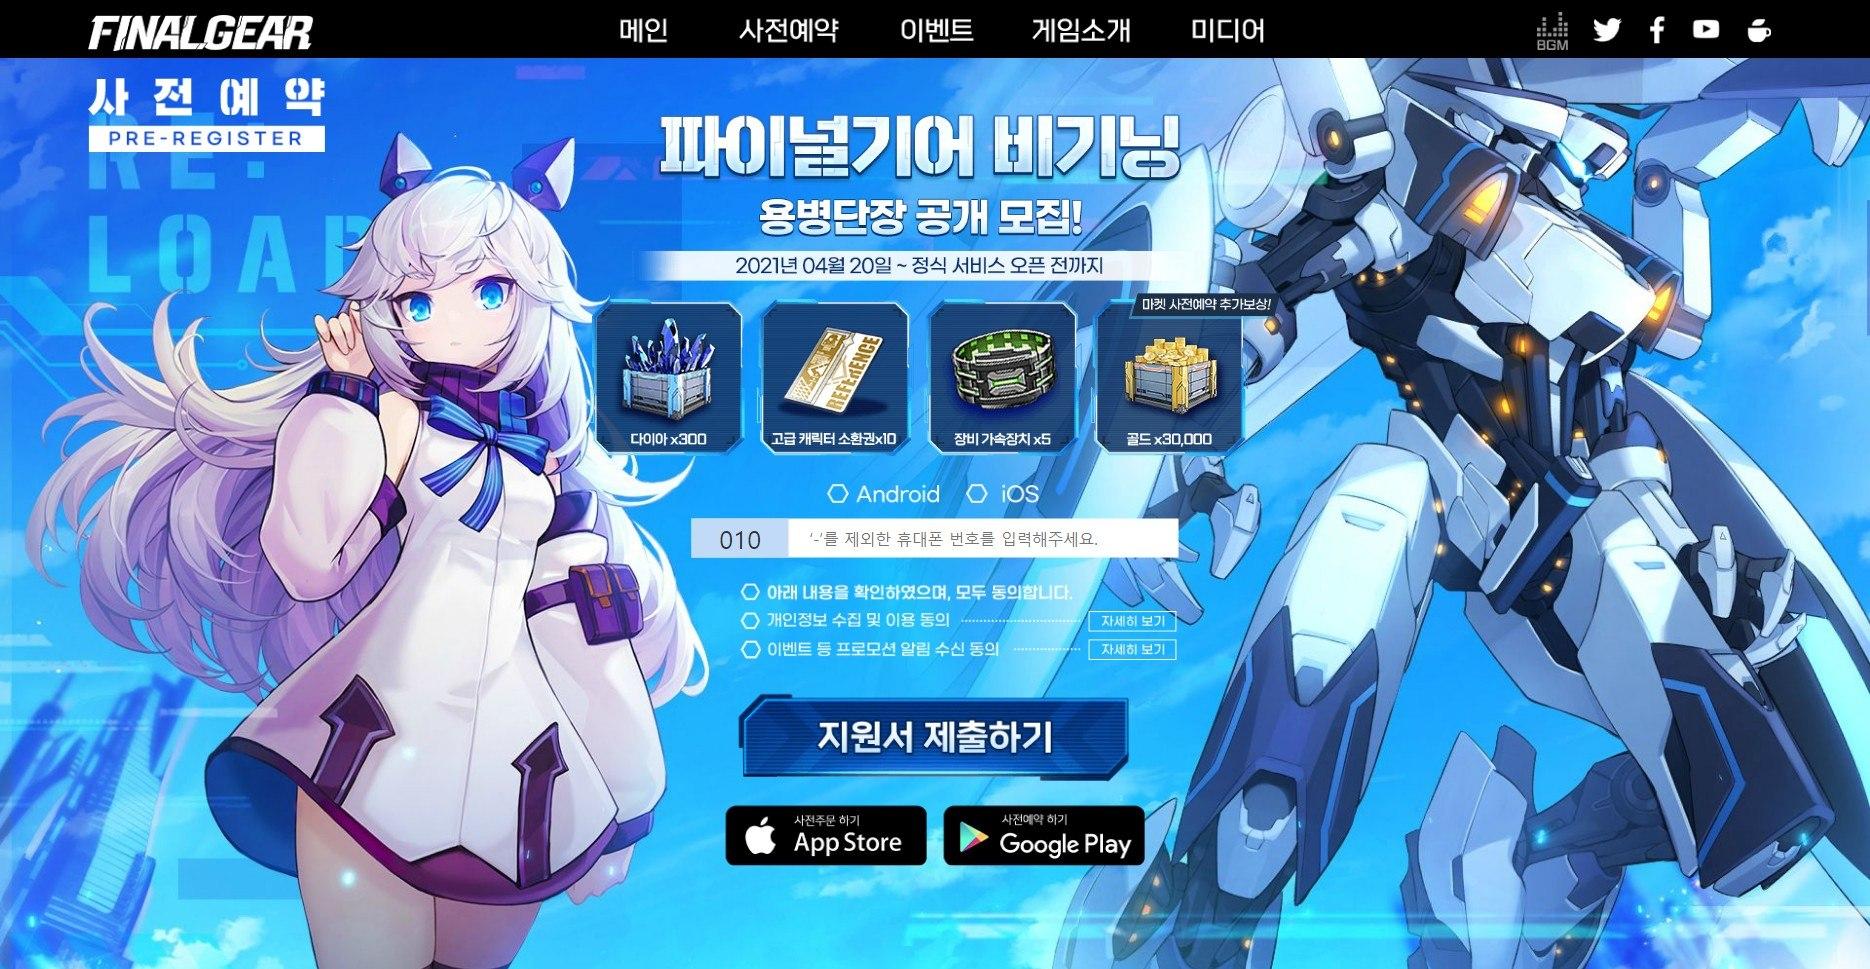 미소녀와 메카의 만남, 파이널기어를 PC에서 블루스택 앱플레이어로 즐겨보세요!